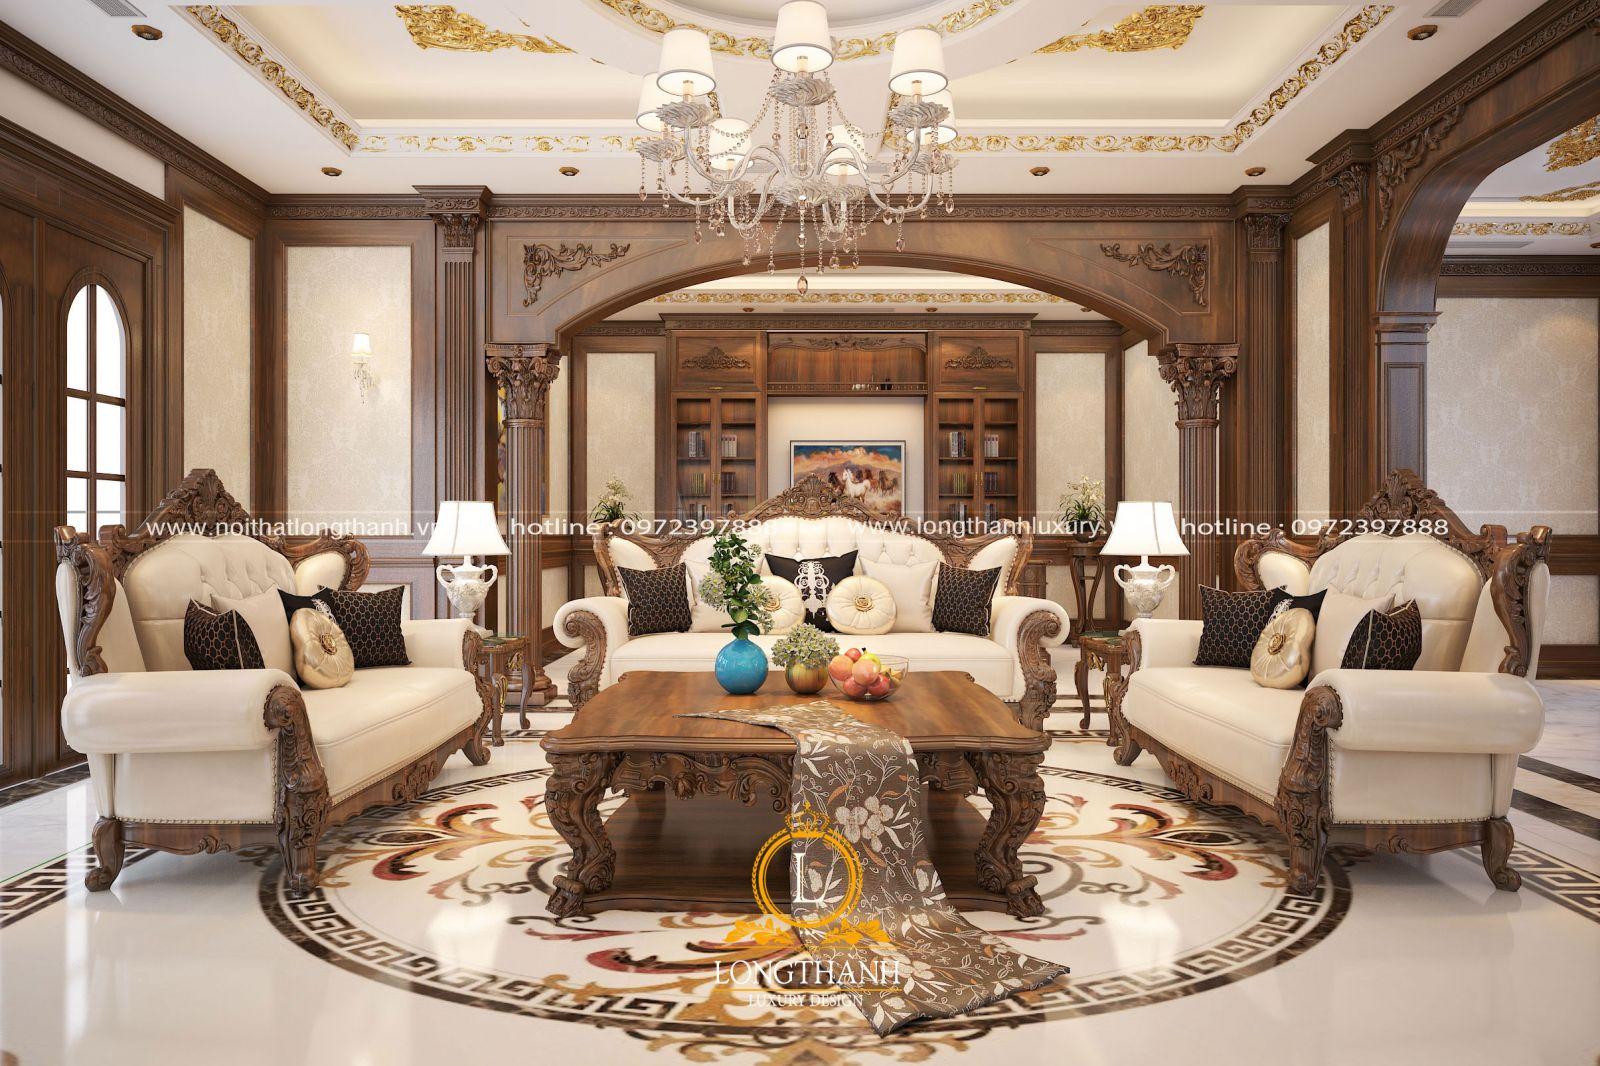 Mẫu nội thất phòng khách đẹp nhà biệt thự LT10